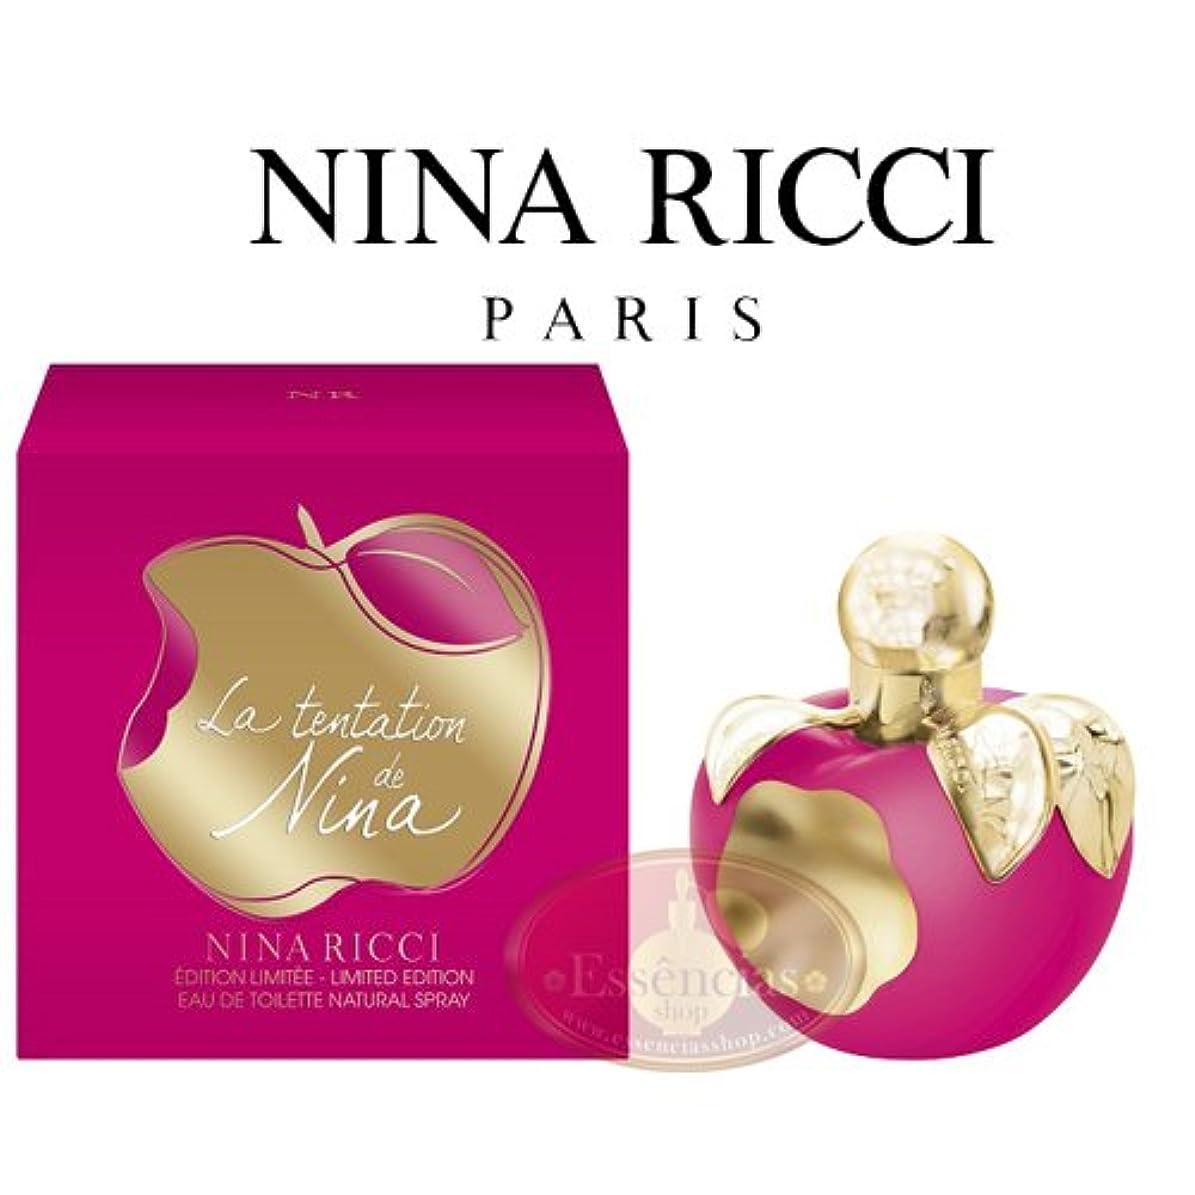 重要キャンディー常習的ニナリッチ NINA RICCI ラ テンテーション ドゥ ニナ EDT SP 50ml